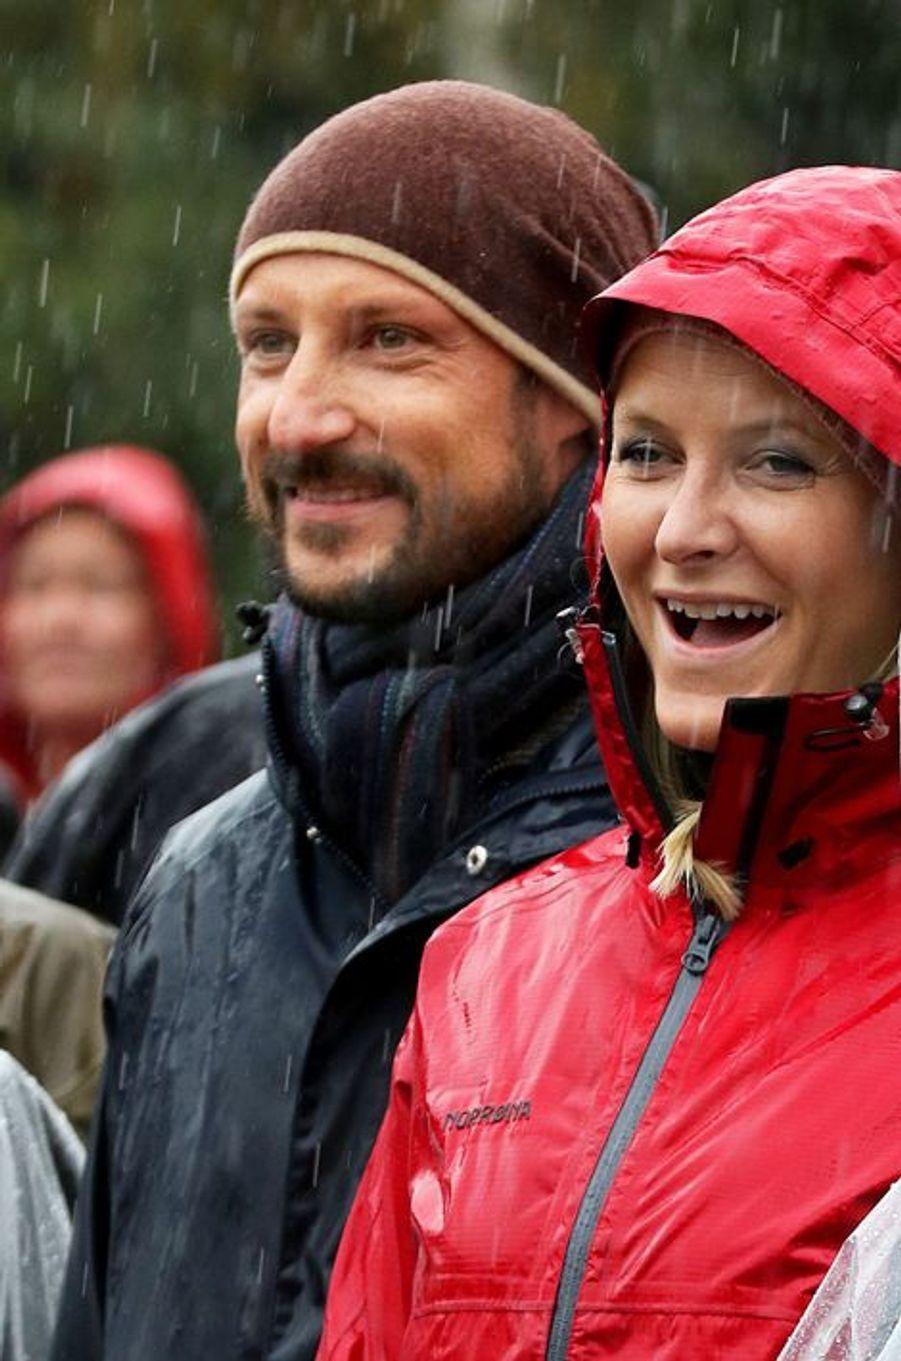 La princesse Mette-Marit avec le prince Haakon de Norvège à Akershas lors d'une visite arrosée, le 17 septembre 2015